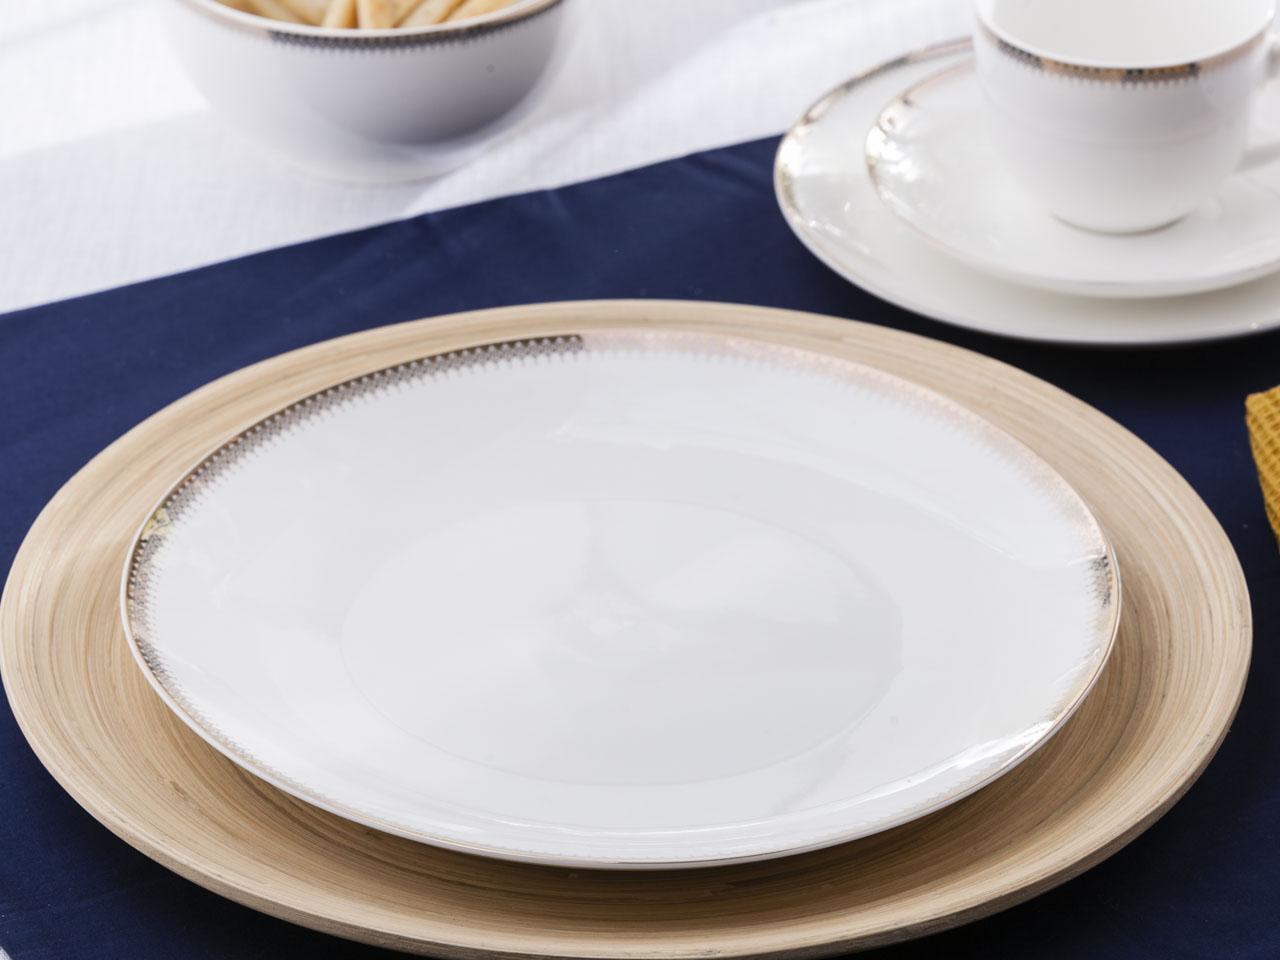 Talerz obiadowy płytki porcelanowy Altom Design Bella Złota Girlanda 26 cm